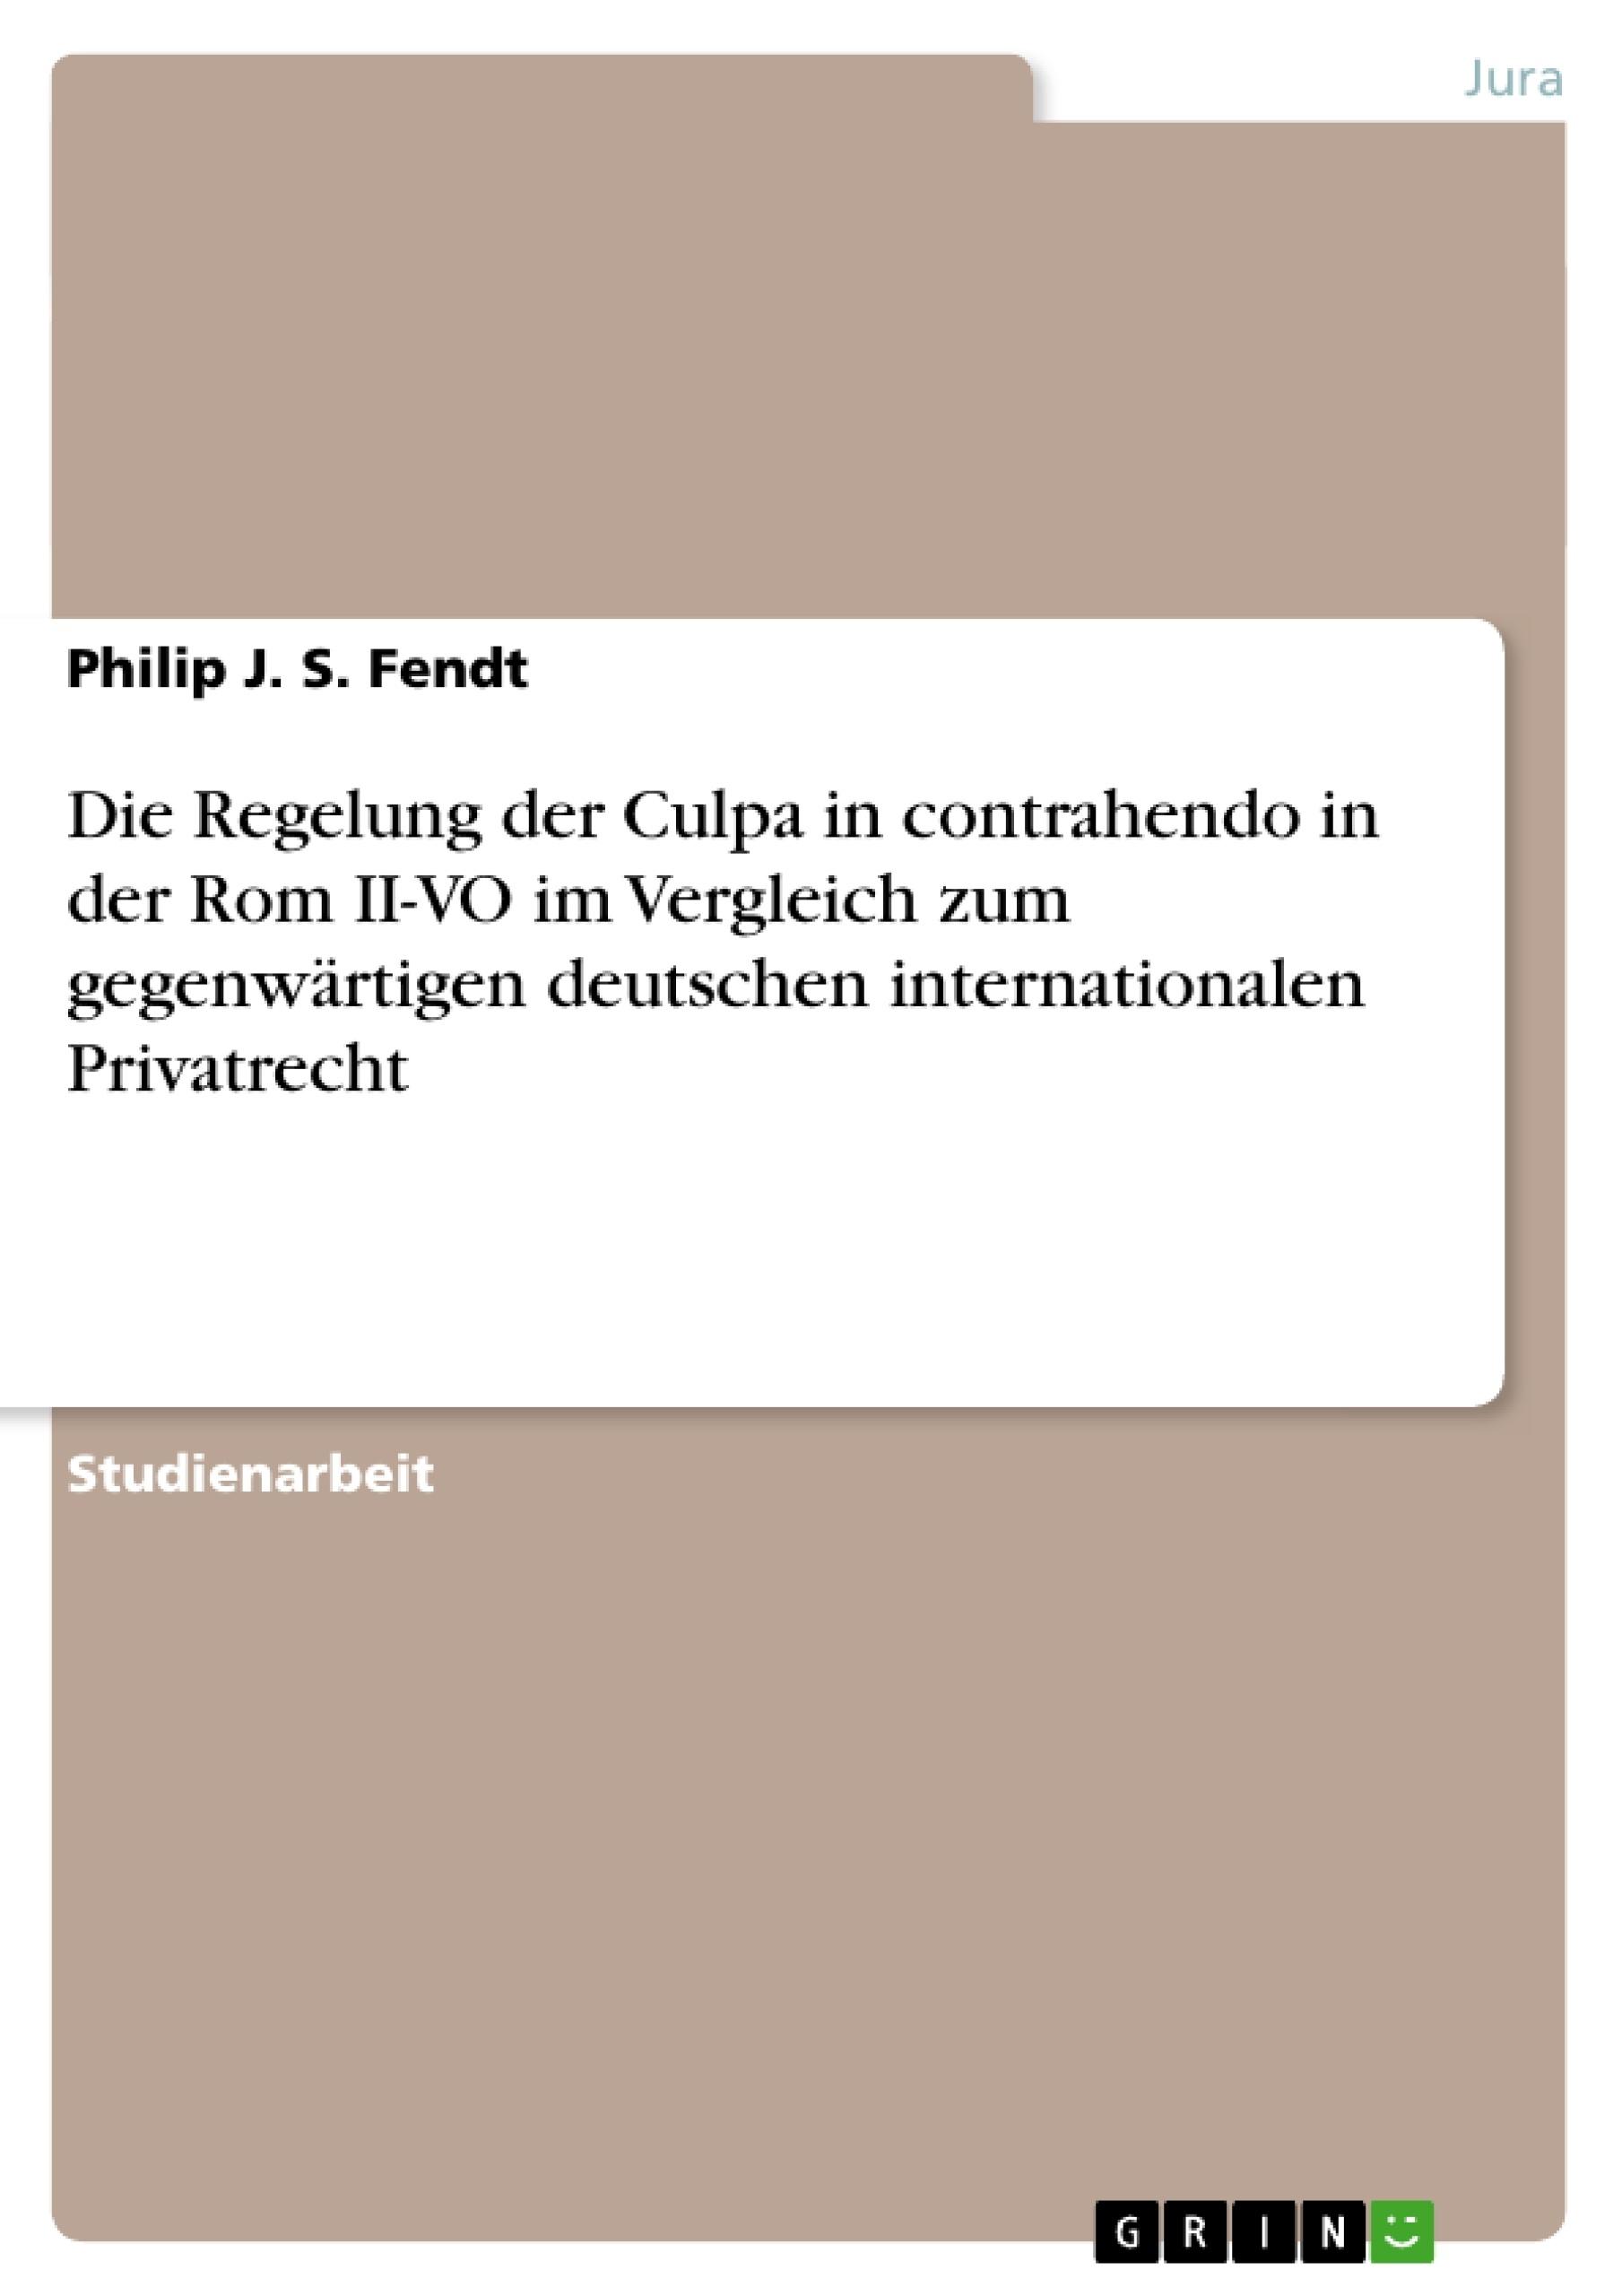 Titel: Die Regelung der Culpa in contrahendo in der Rom II-VO im Vergleich zum gegenwärtigen deutschen internationalen Privatrecht